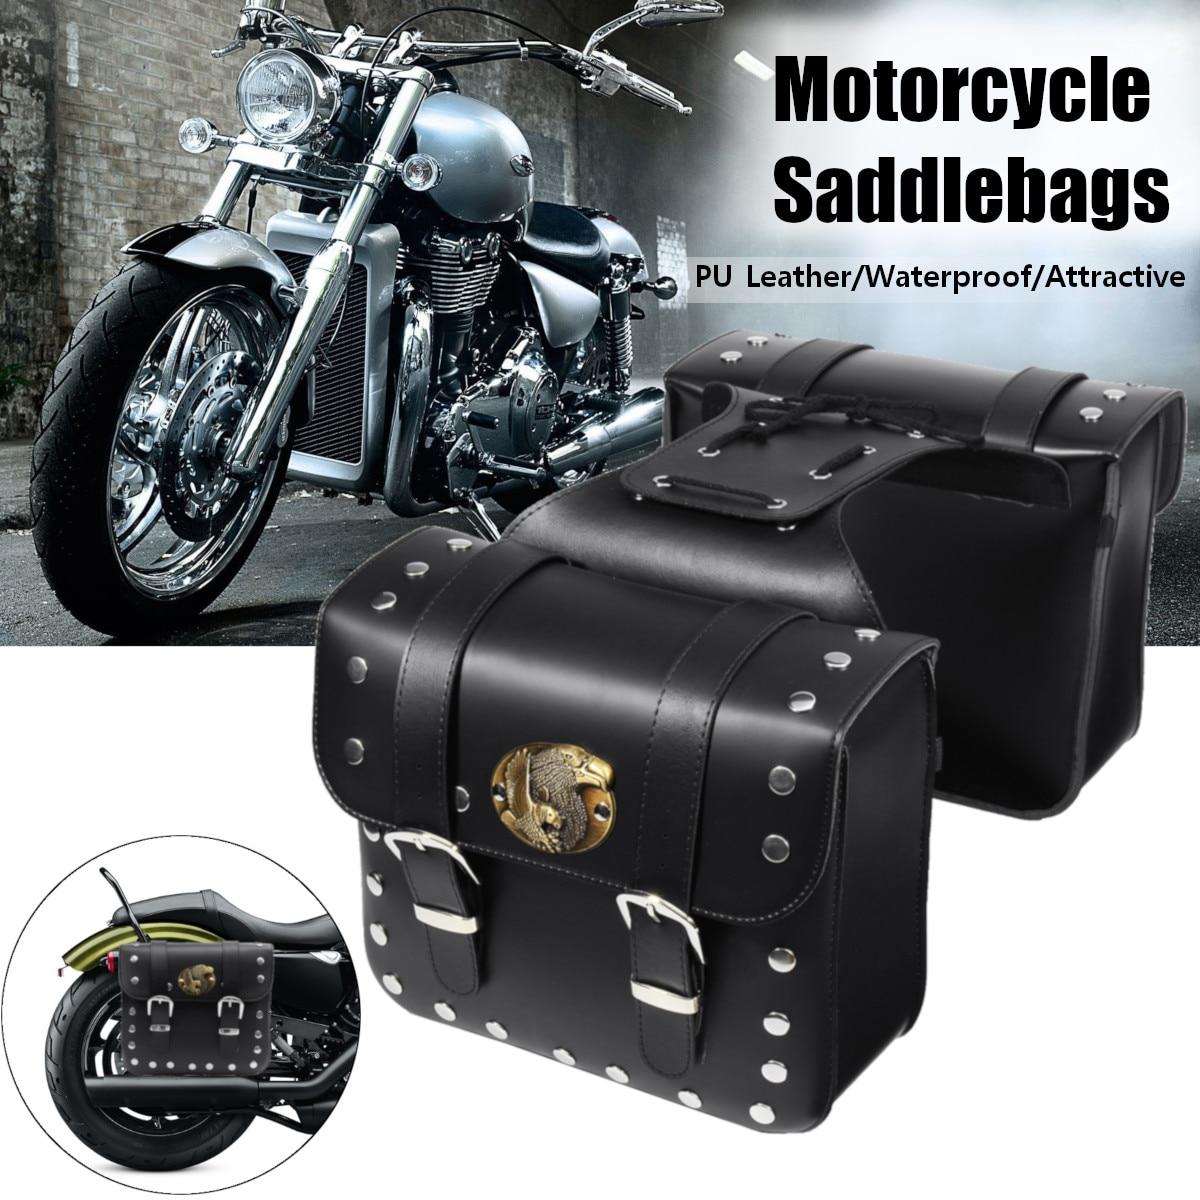 2pcs Motorcycle PU Leather Side Saddlebag Luggage Saddle Bag Black for Harley motorcycle bag knight saddle bag riding the edge side of the box saddlebag motorcycle for harley davidson